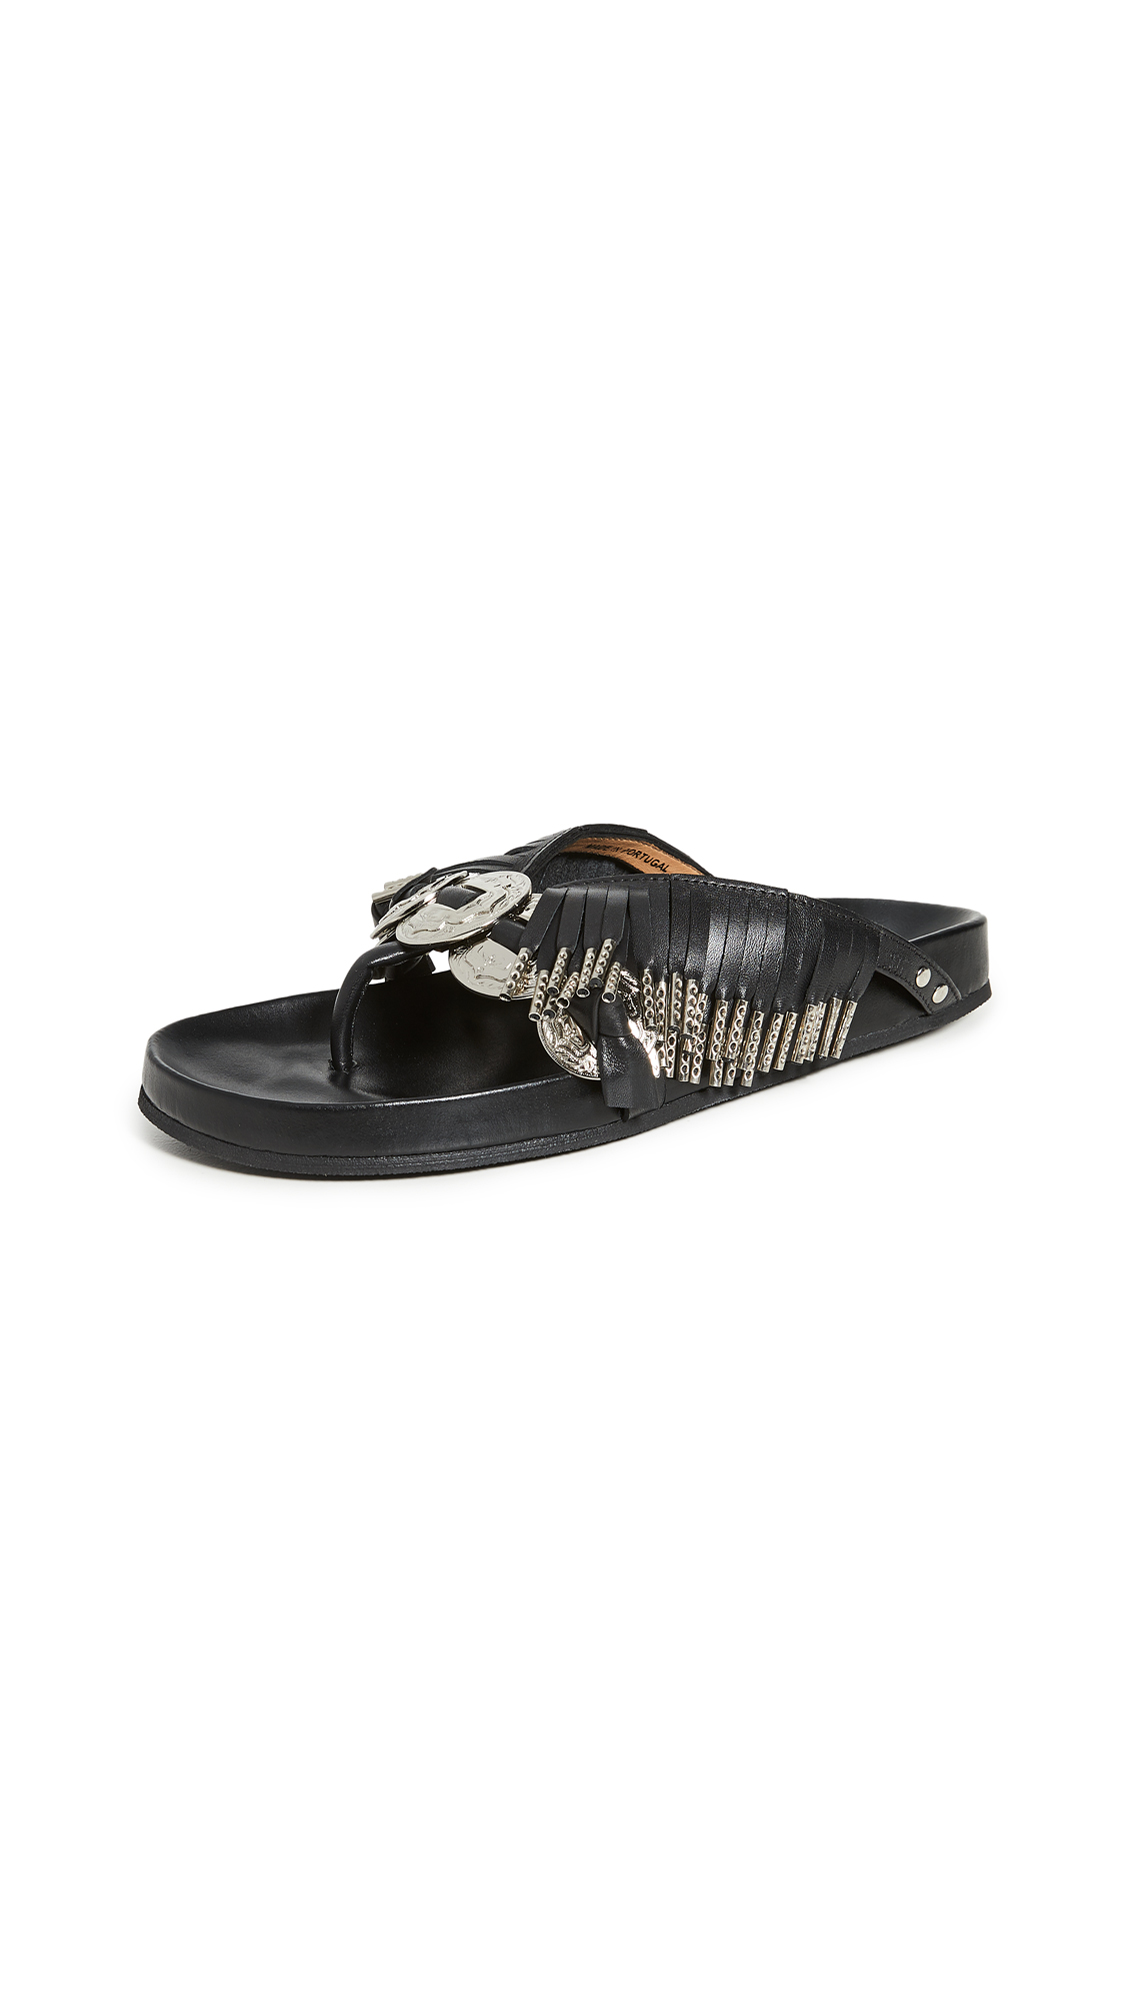 Buy Toga Pulla Metal Embellished Fringe Sandals online, shop Toga Pulla